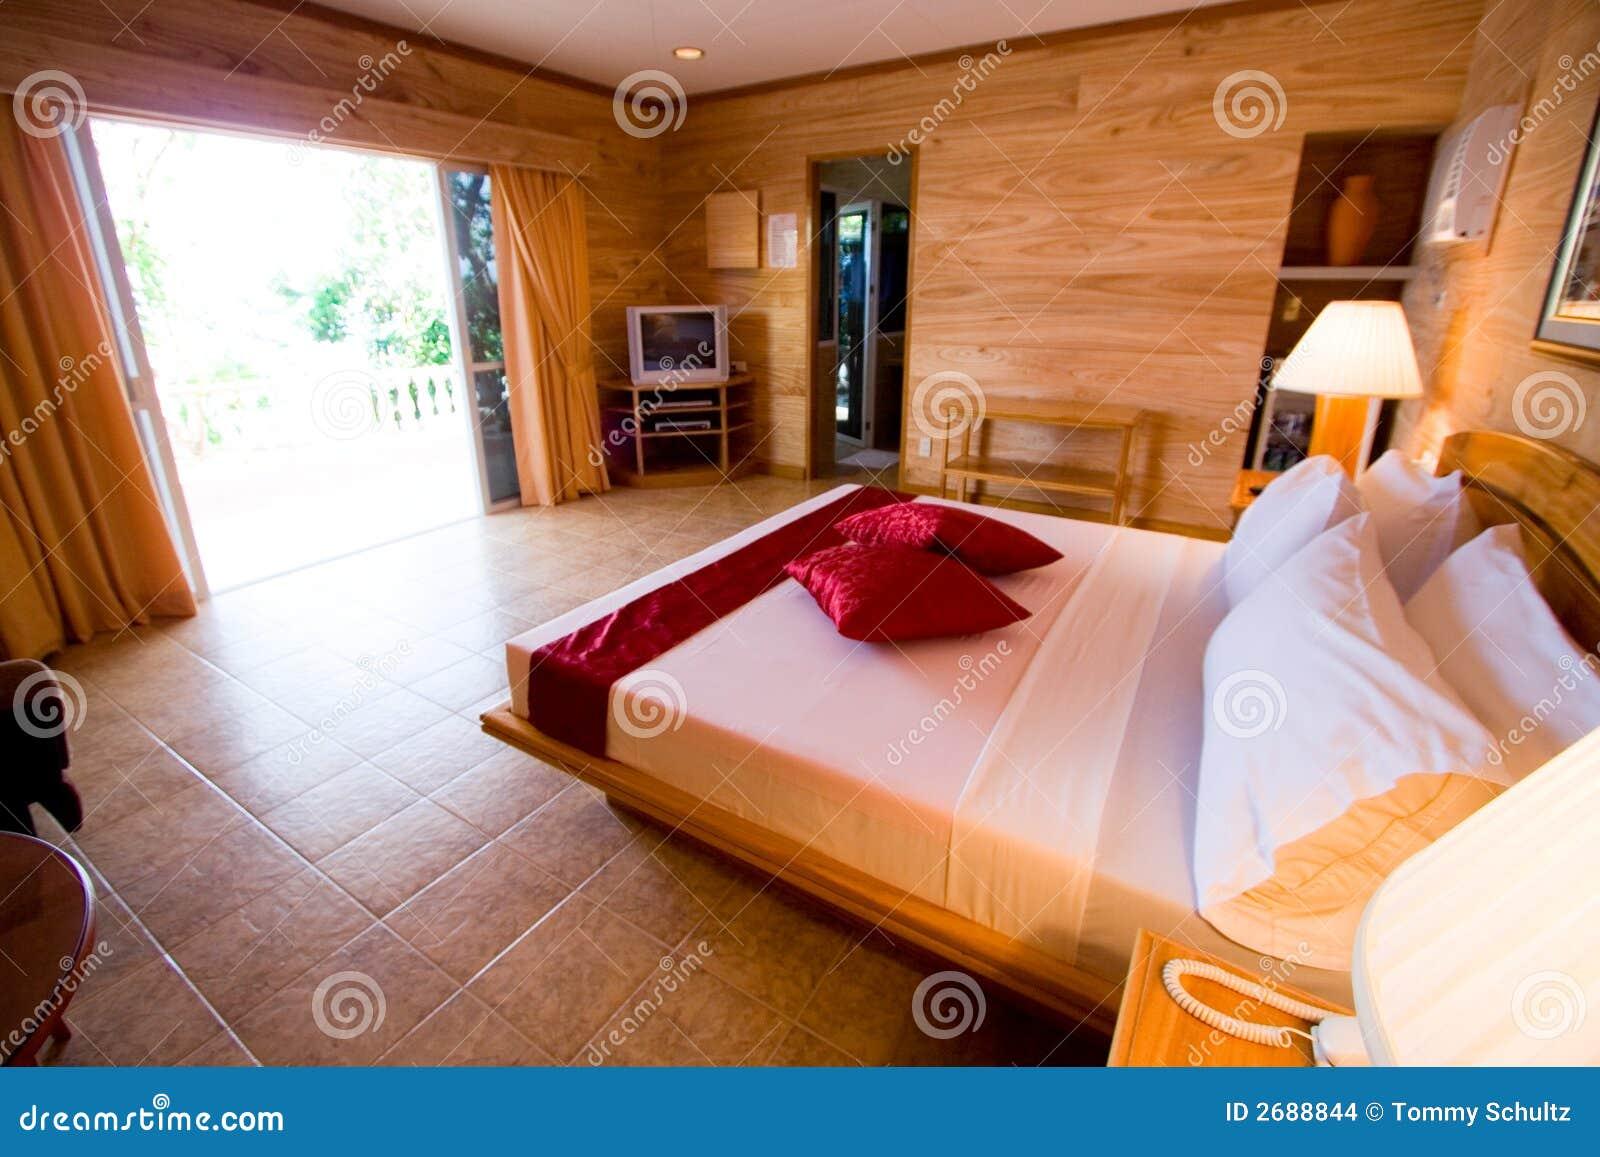 Quarto De Hotel De Cinco Estrelas Imagens De Stock